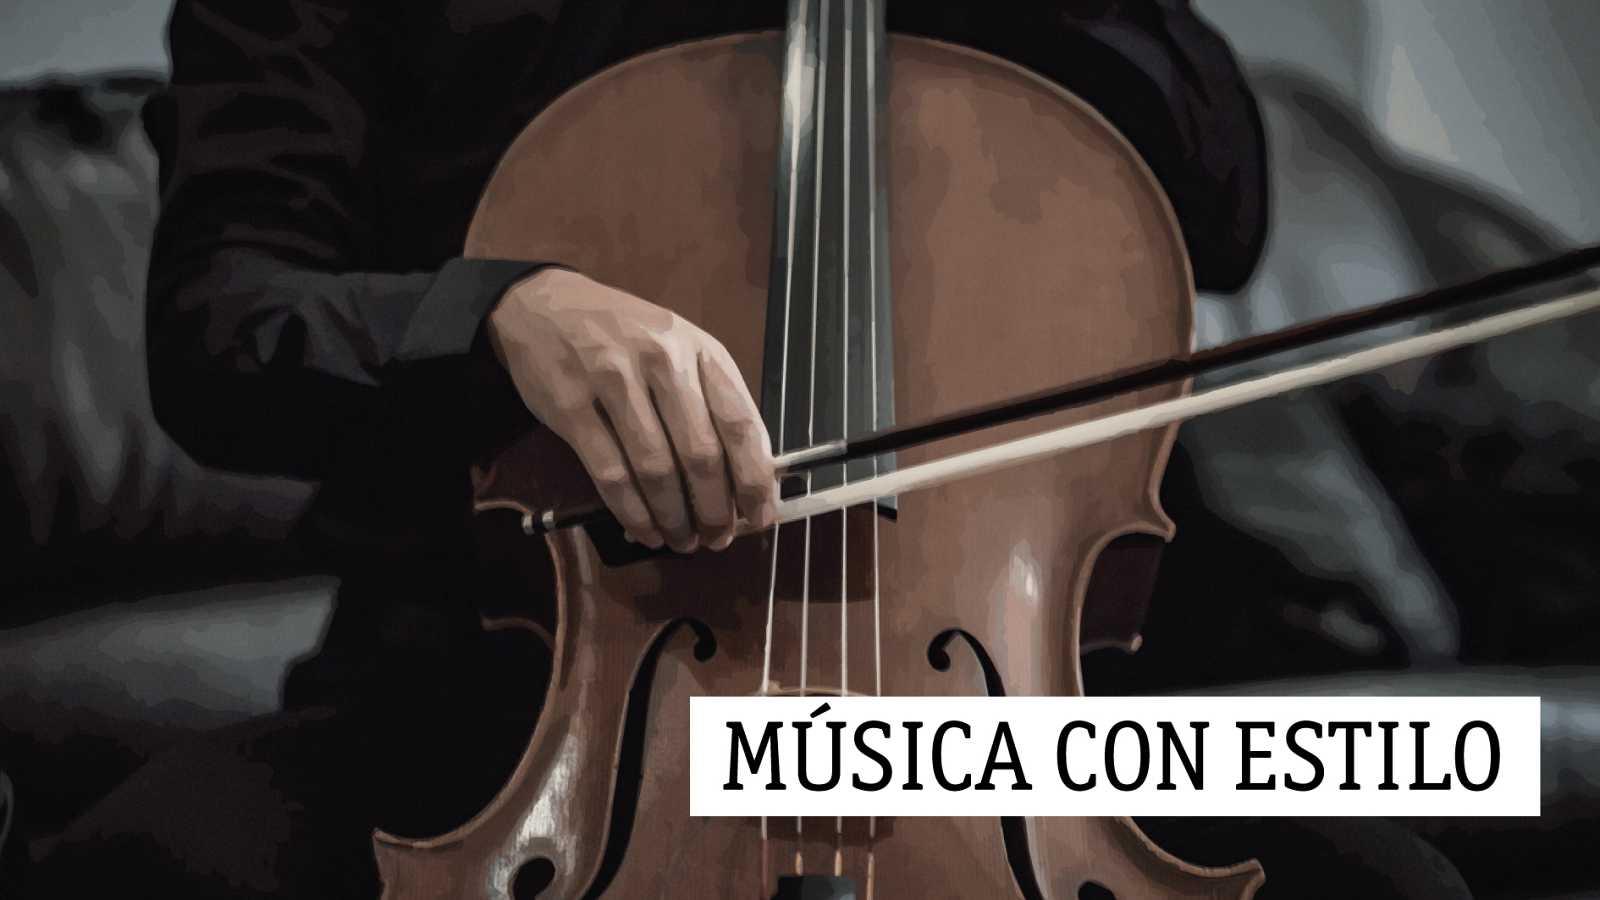 Música con estilo - Lucrecia Arana: musa de artistas, tras la huella interpretativa - 15/09/19 - escuchar ahora